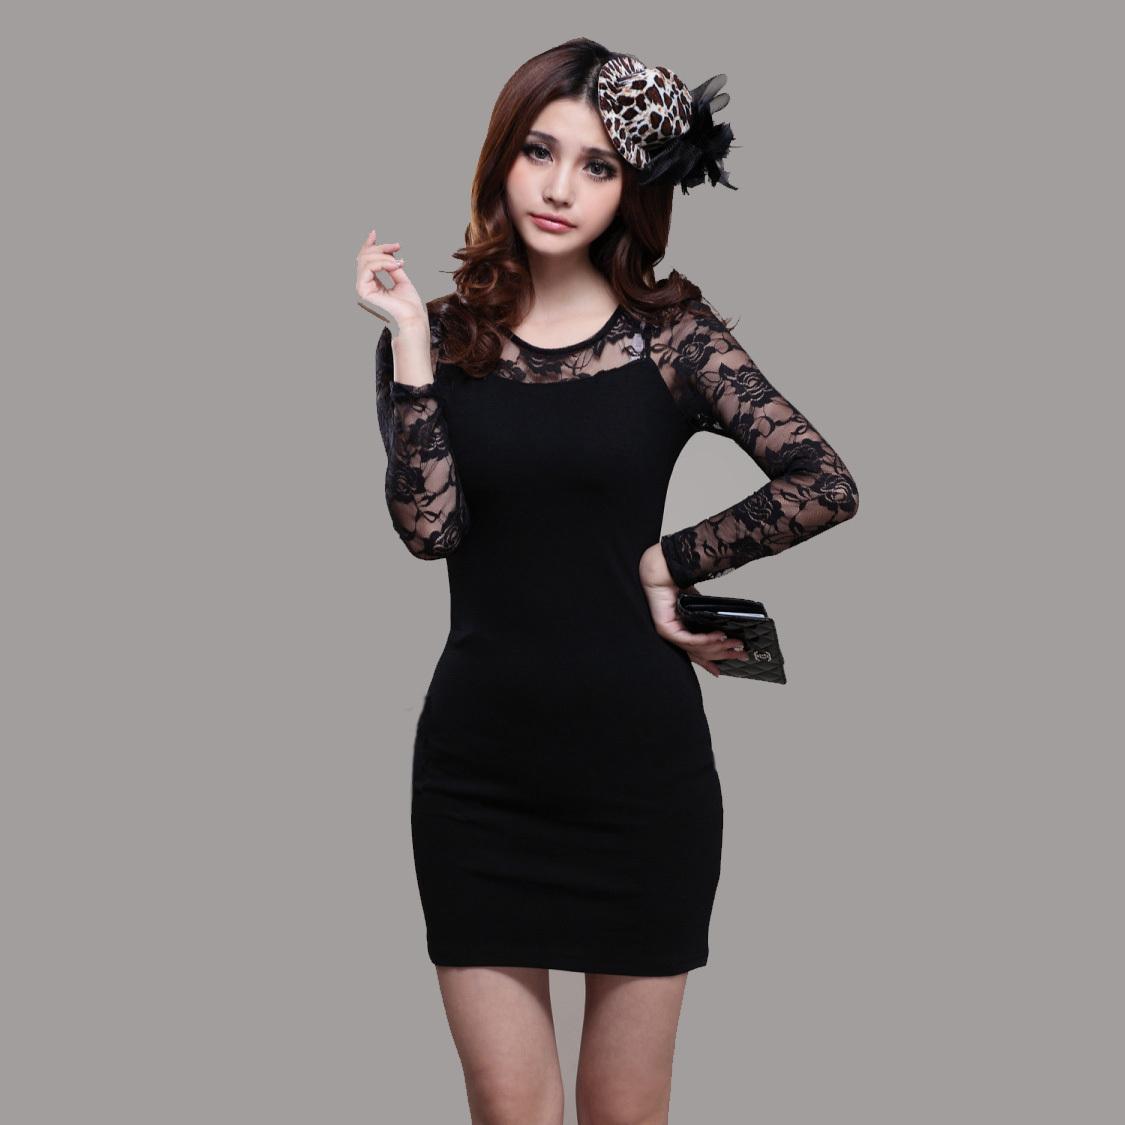 Женское платье Ms/sz J/8253a Осень 2012 Кружево